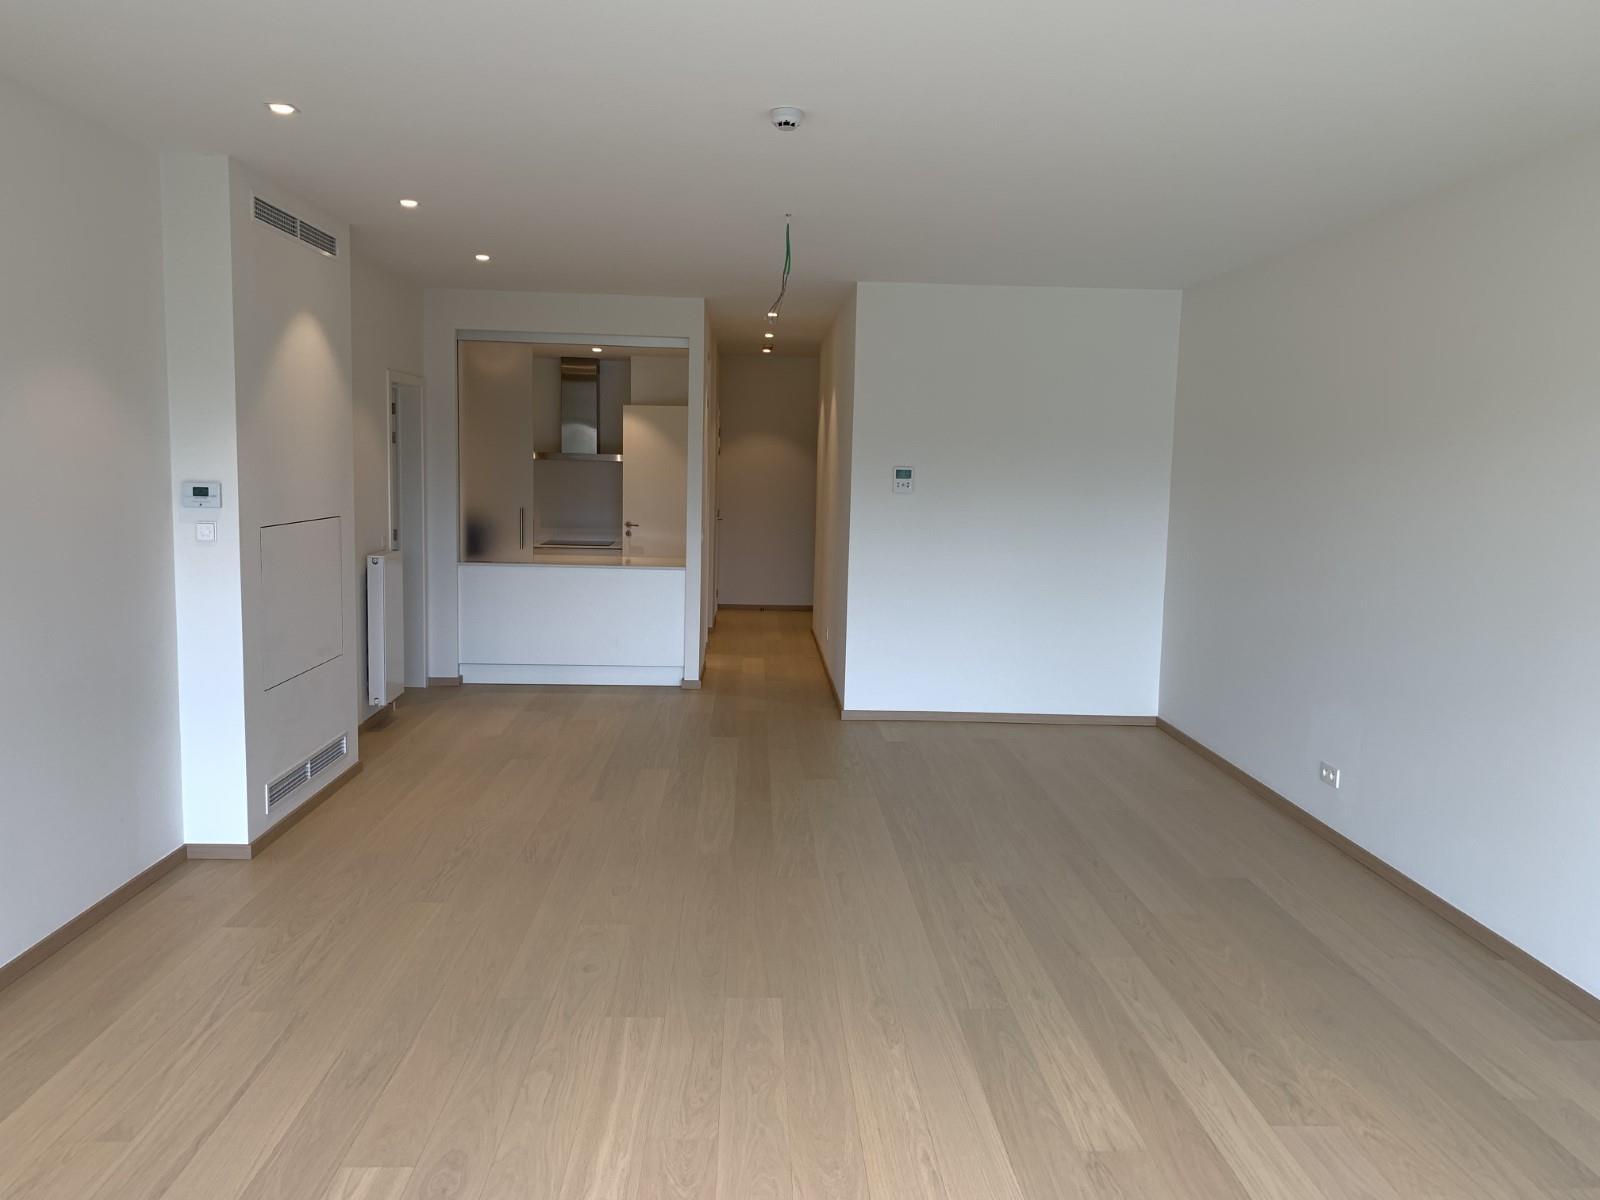 Appartement exceptionnel - Ixelles - #3929614-4